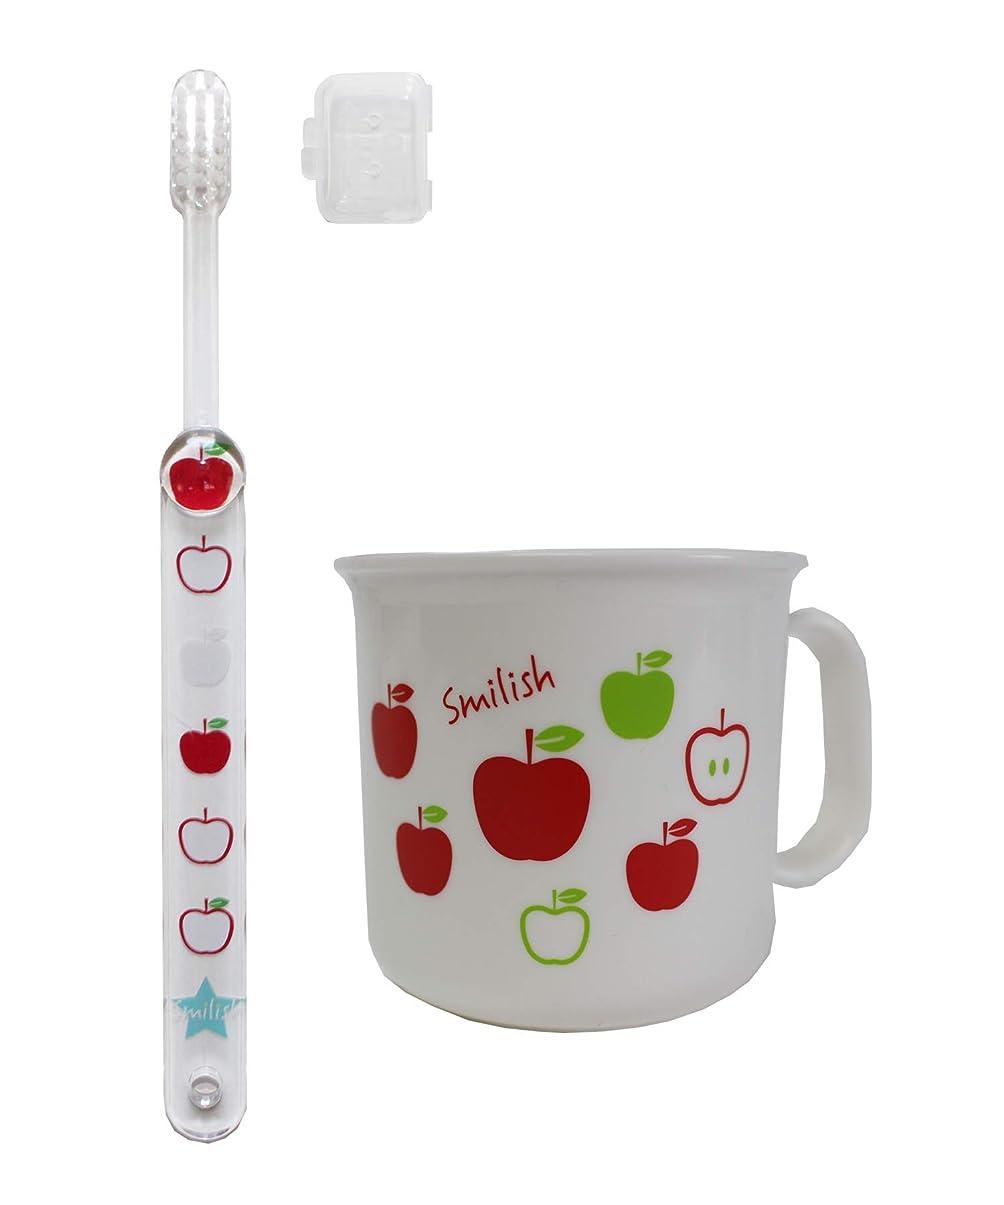 ゆでるバナナカブ子ども歯ブラシ(キャップ付き) 耐熱コップセット アップル